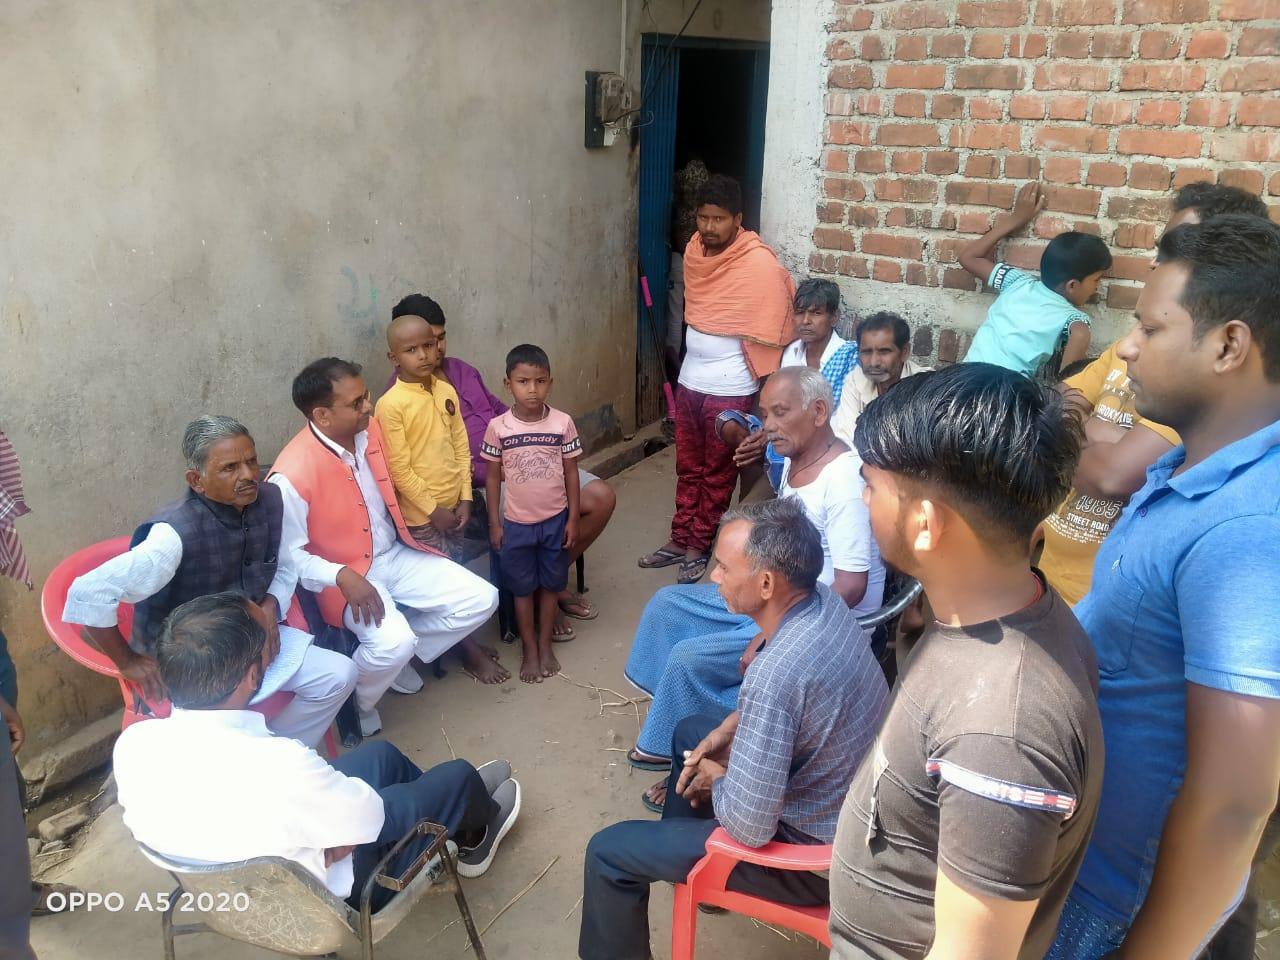 भाजपा किसान मोर्चा प्रदेश कार्यसमिति सदस्य केदार साव ने मृतकों के परिजनों को आश्वासन देते हुए मुआवजा दिलाने की बात कही